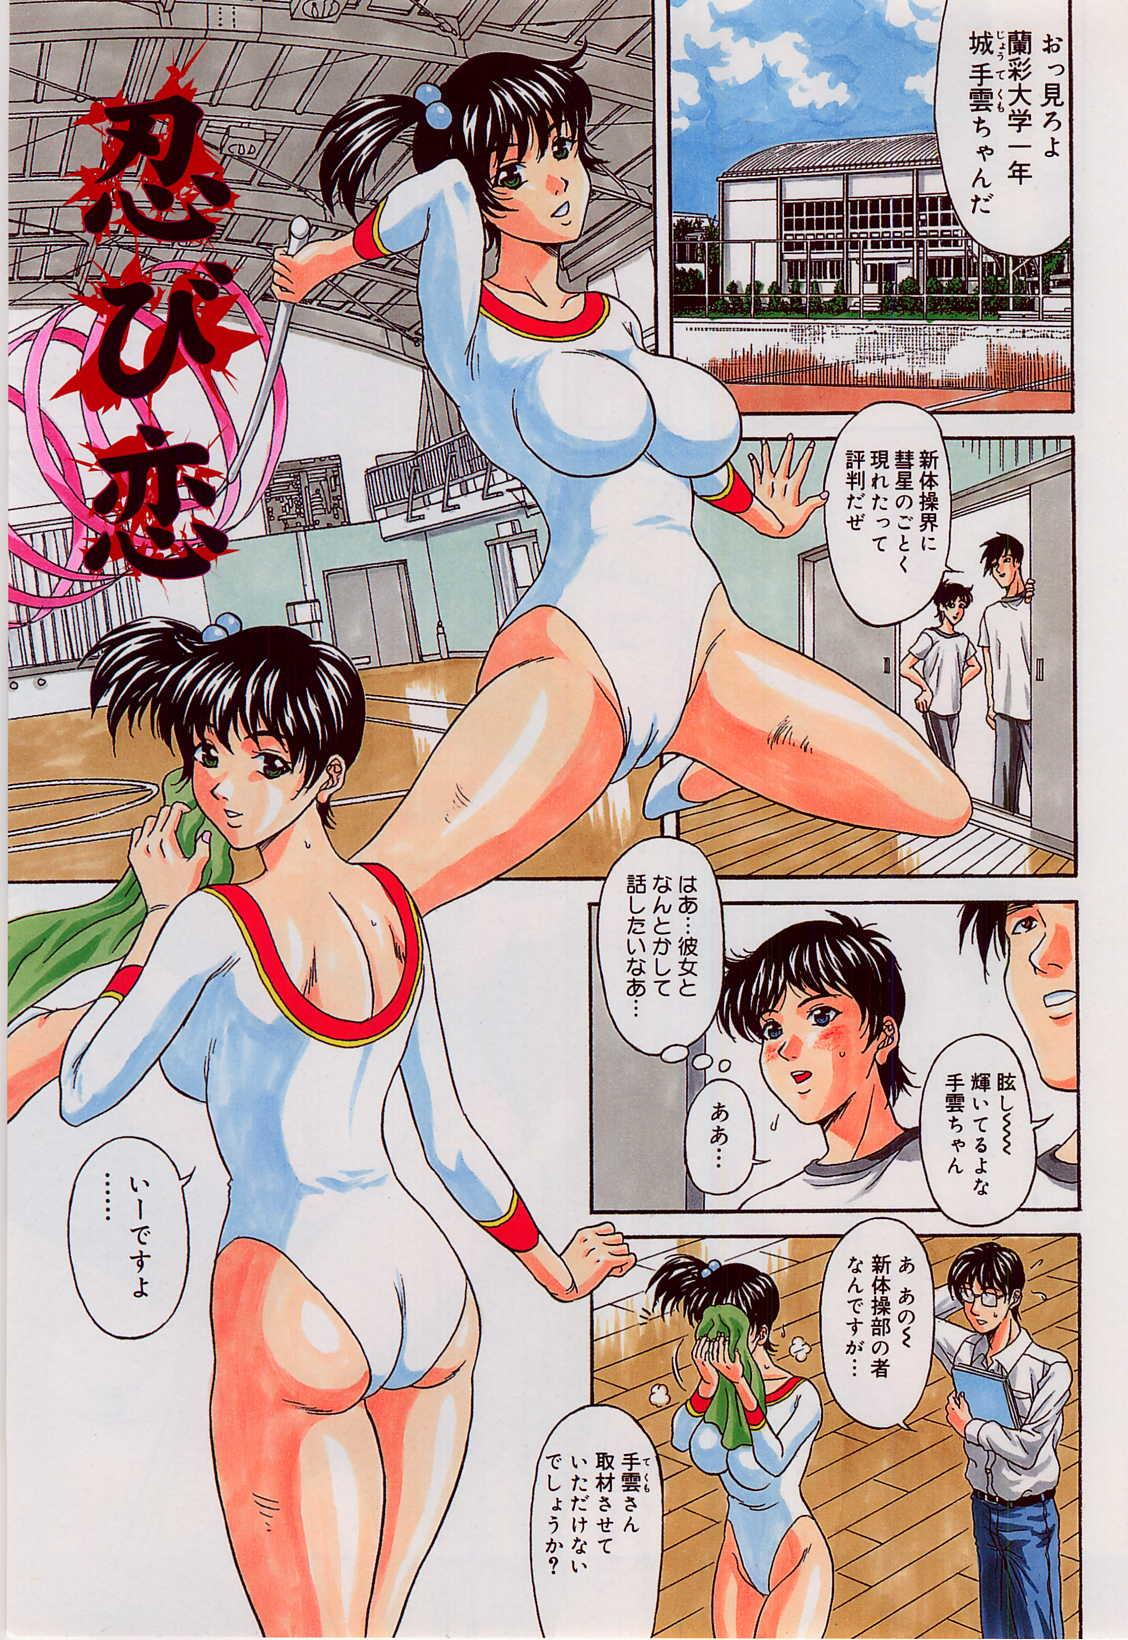 Yokubou no Hako - The Box of the Desire 142